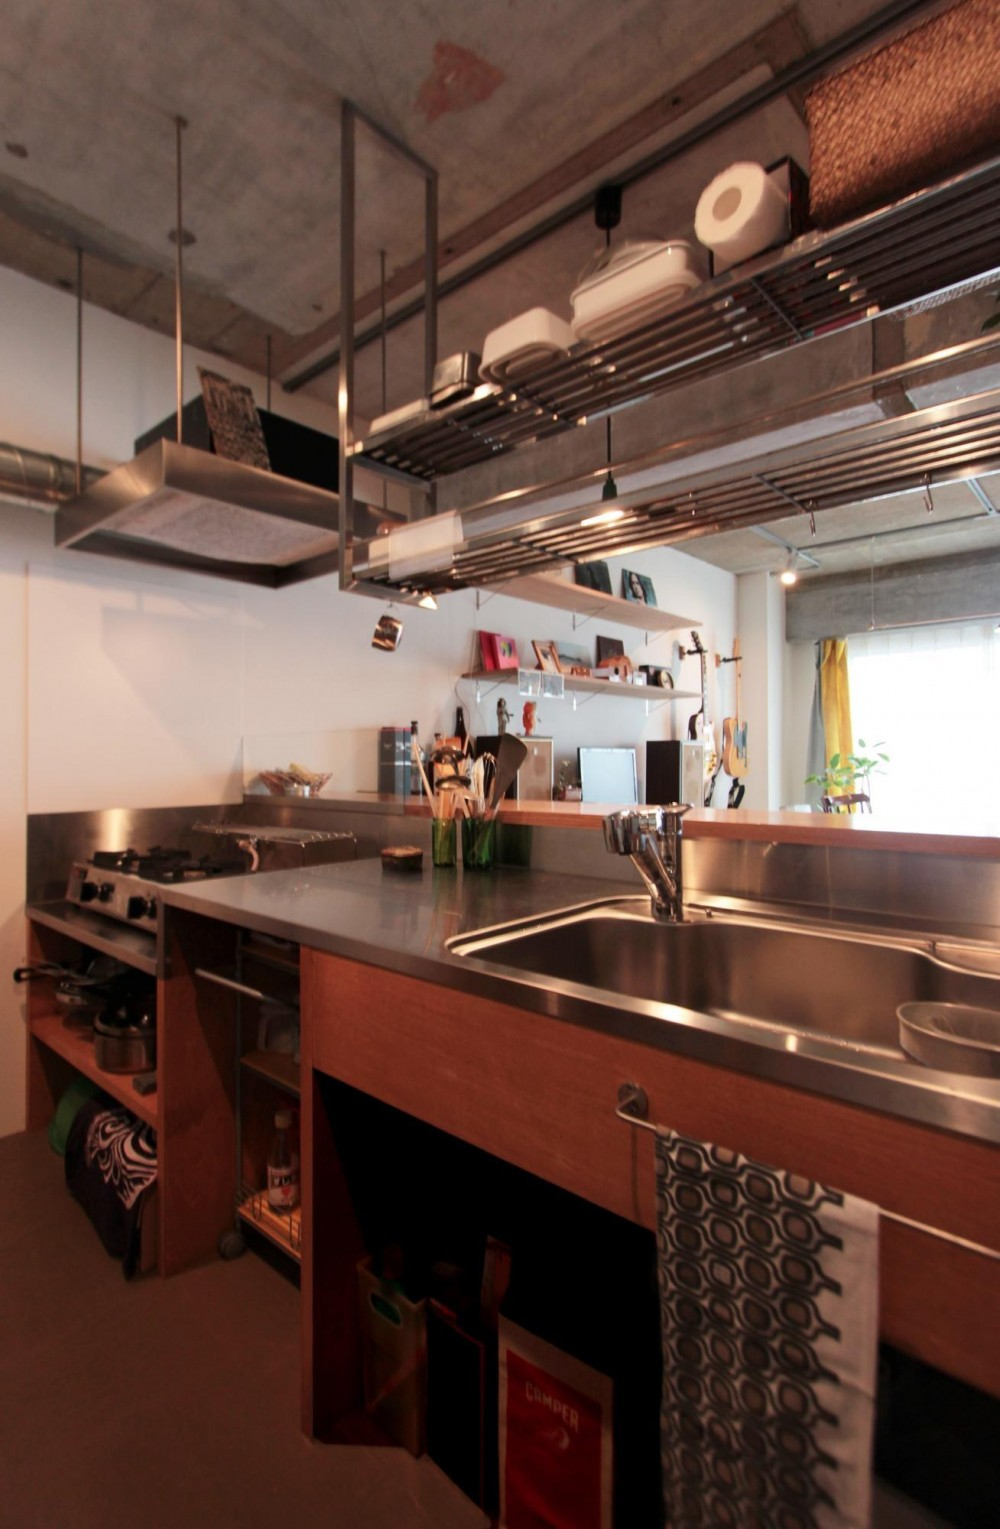 ひとつ屋根の下 (収納たっぷりの使い勝手の良い対面キッチン)